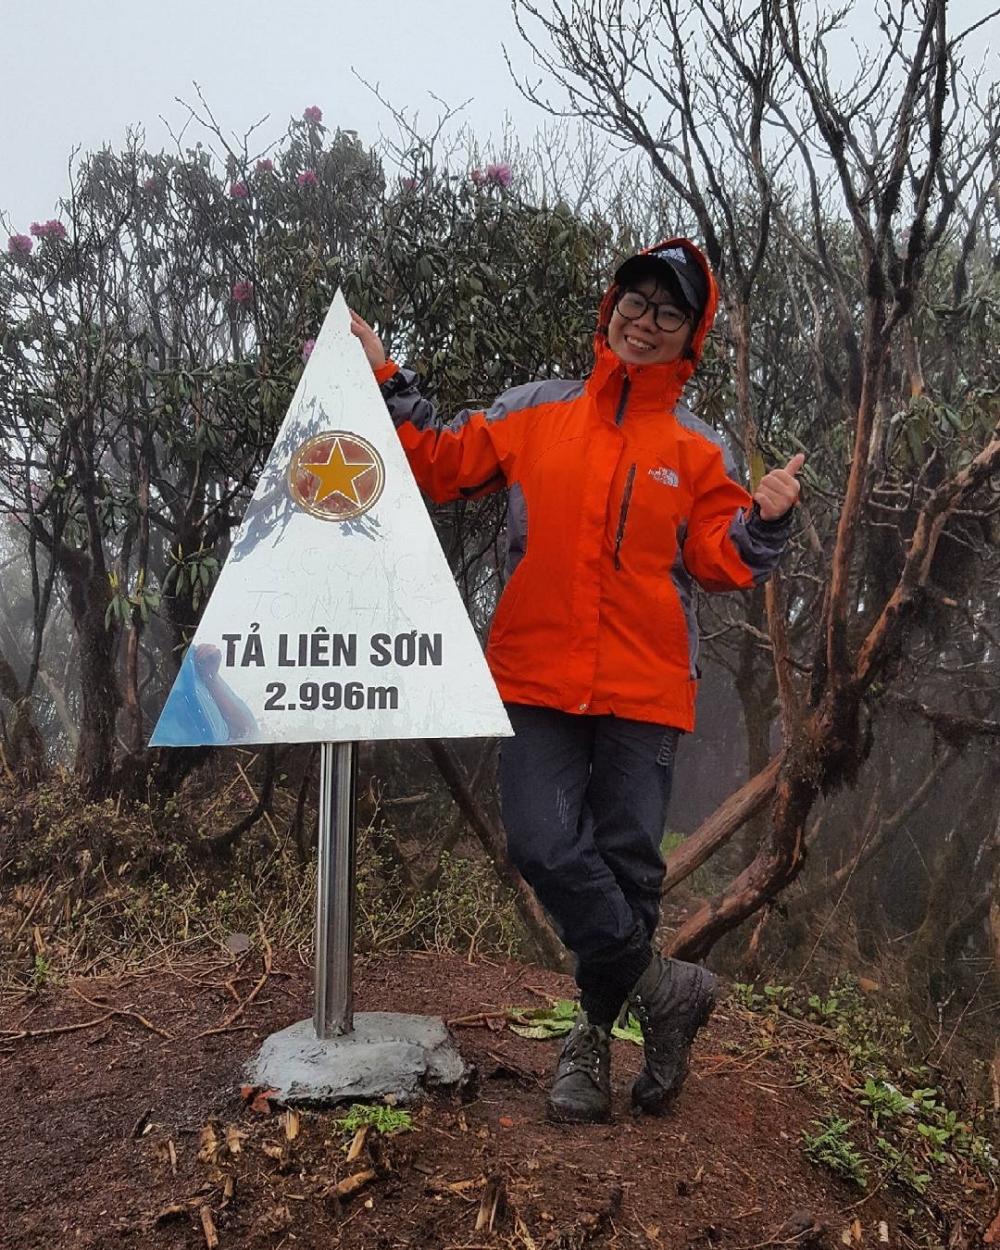 15 cung duong trekking dep nhat Viet Nam nen di vao dip le 29 - 14